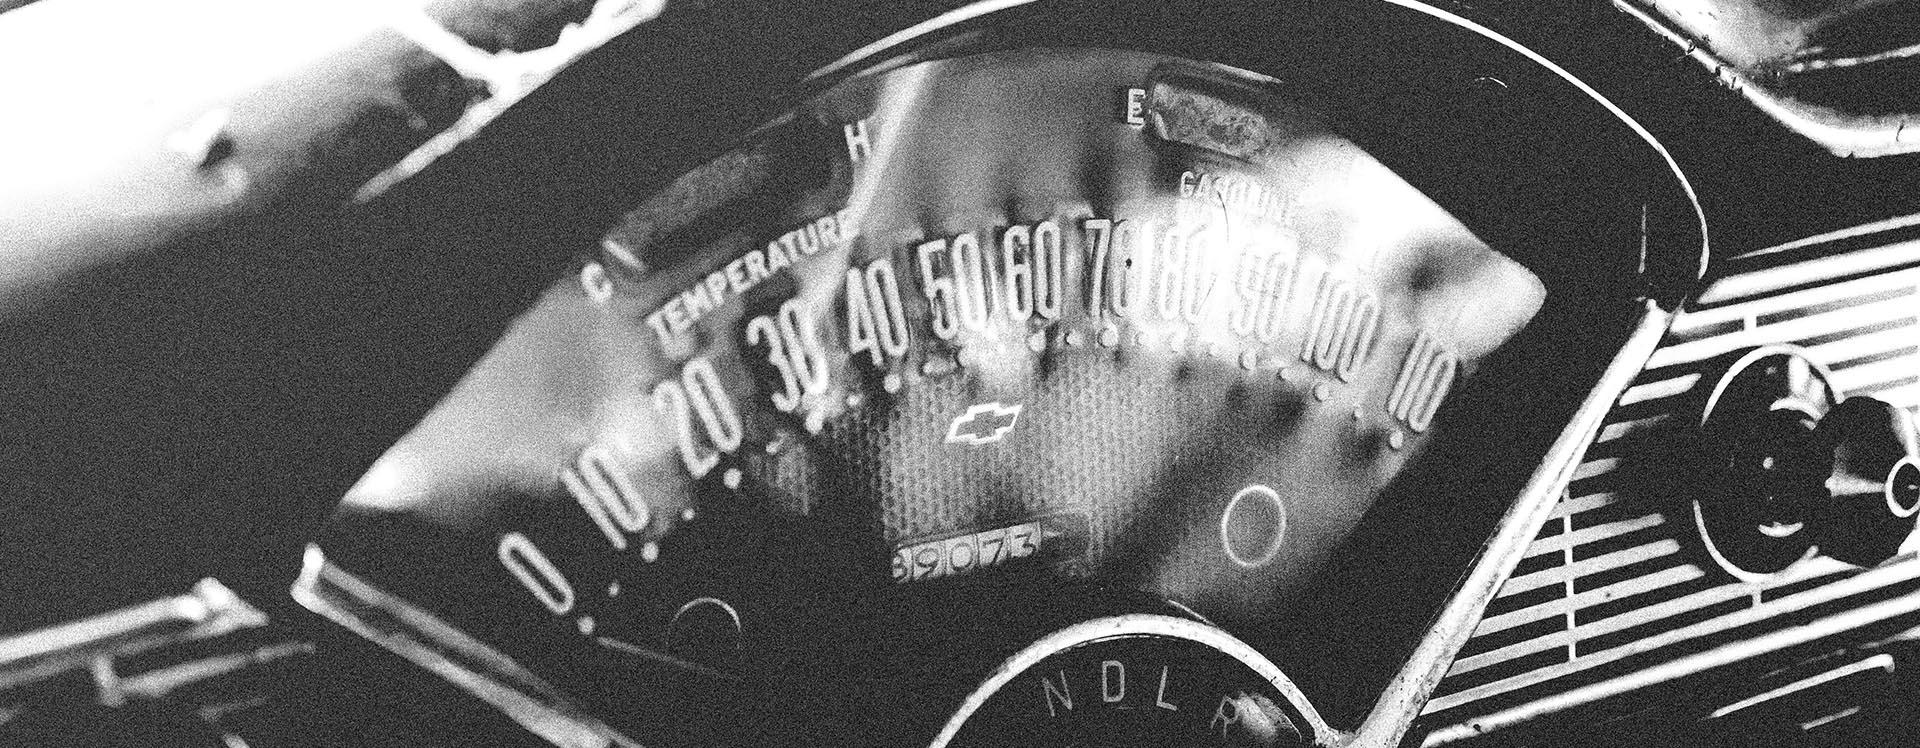 Technische SEO Optimalisatie - Website Snelheid verhogen